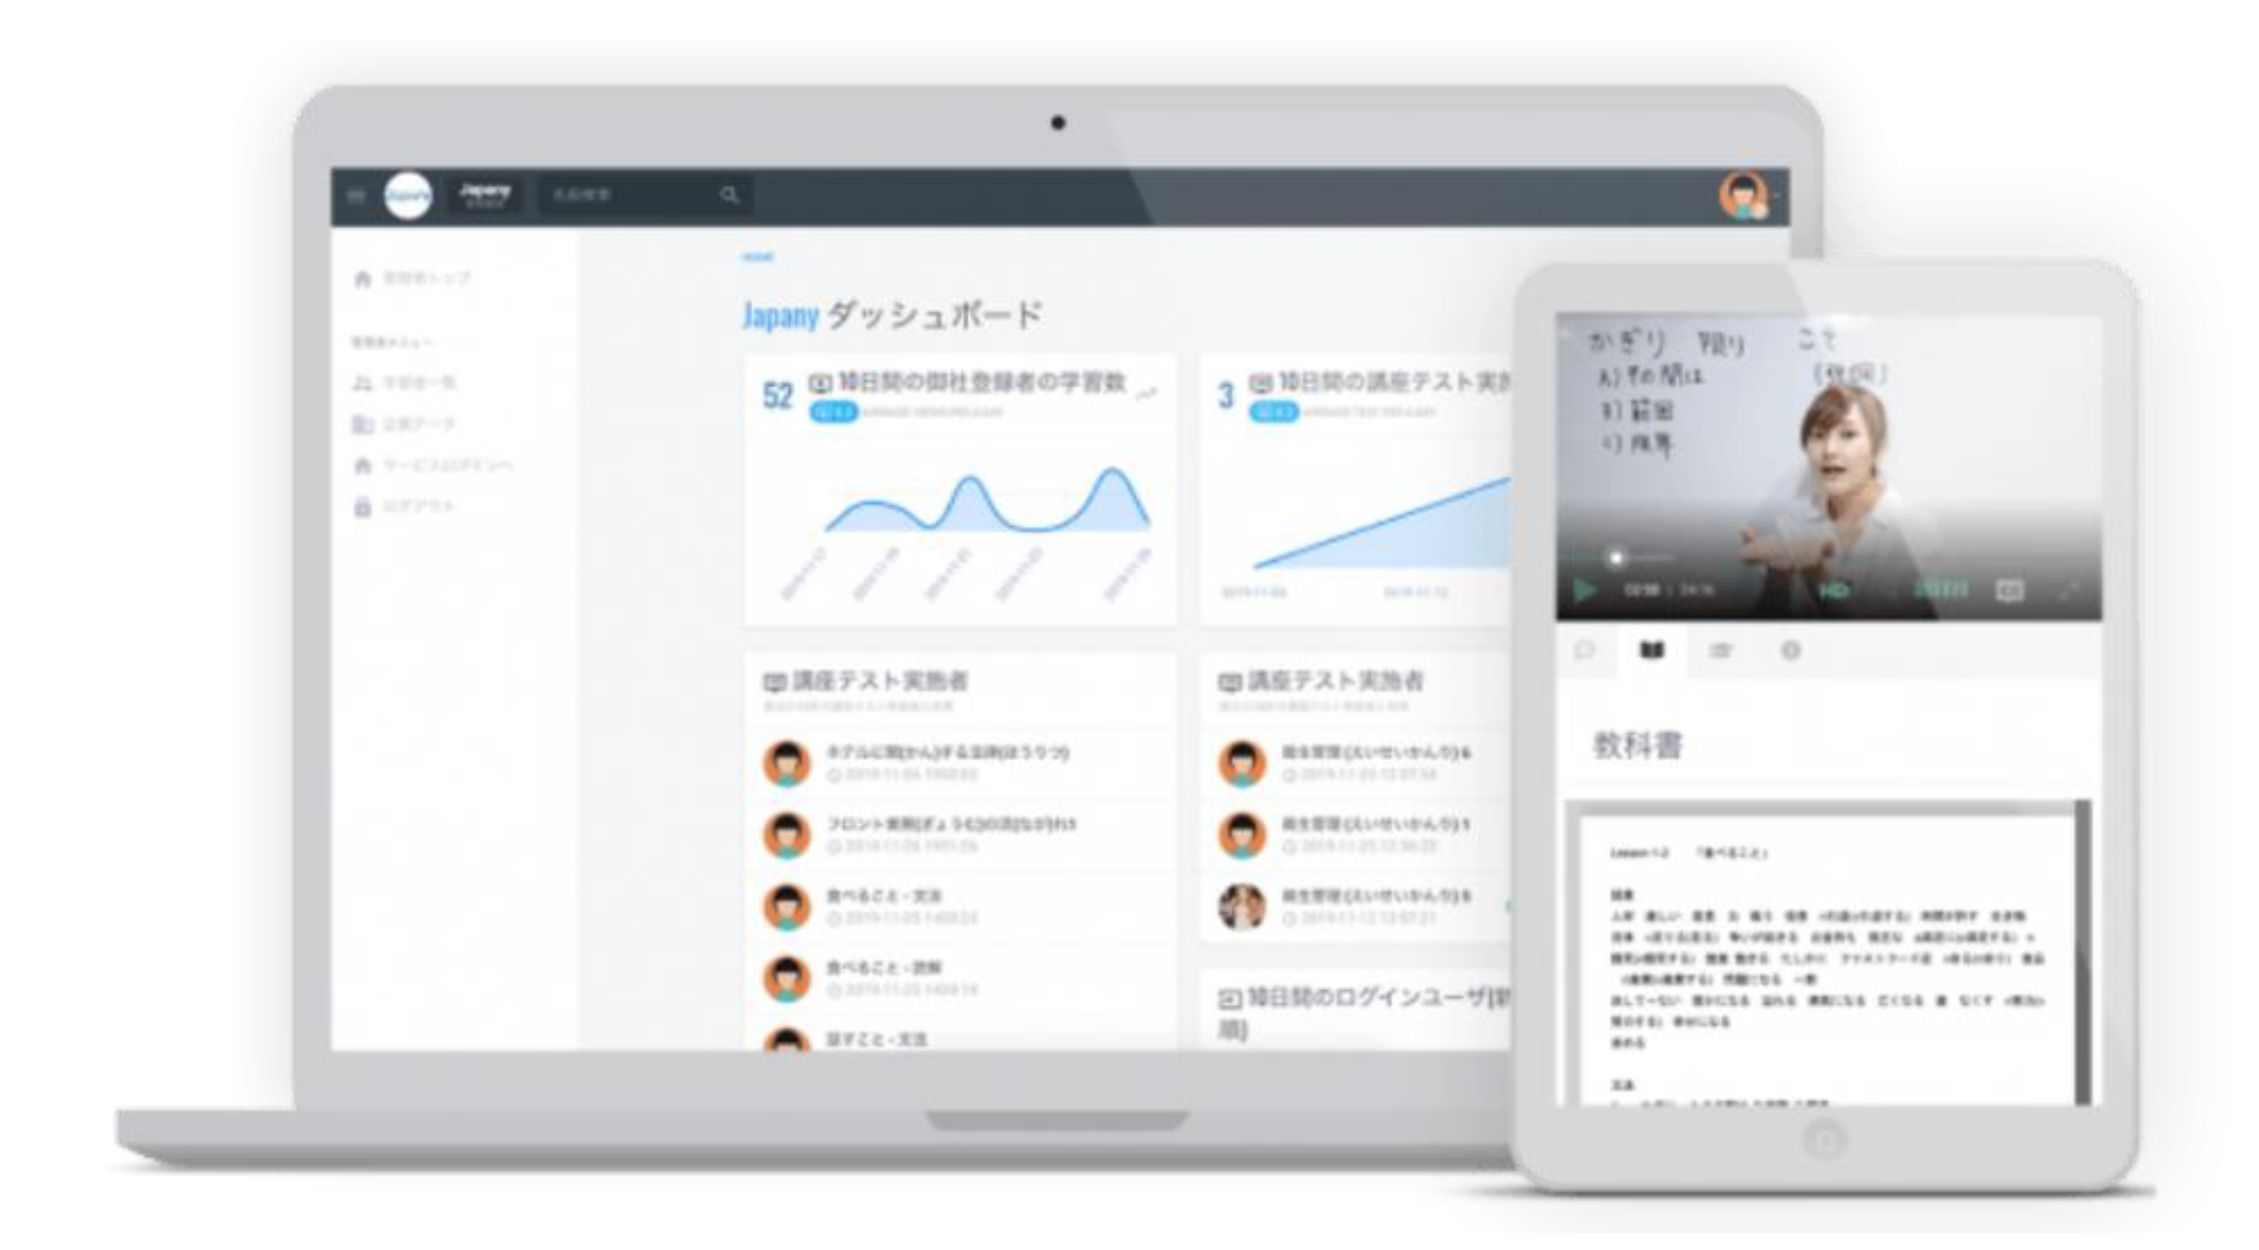 千葉地域開発協同組合様が、外国人技能実習生の入国後支援として、 オンライン日本語学習教材「Japany Language」を導入 ~オンライン学習の導入により、実習生の日本語学習教育を充実~